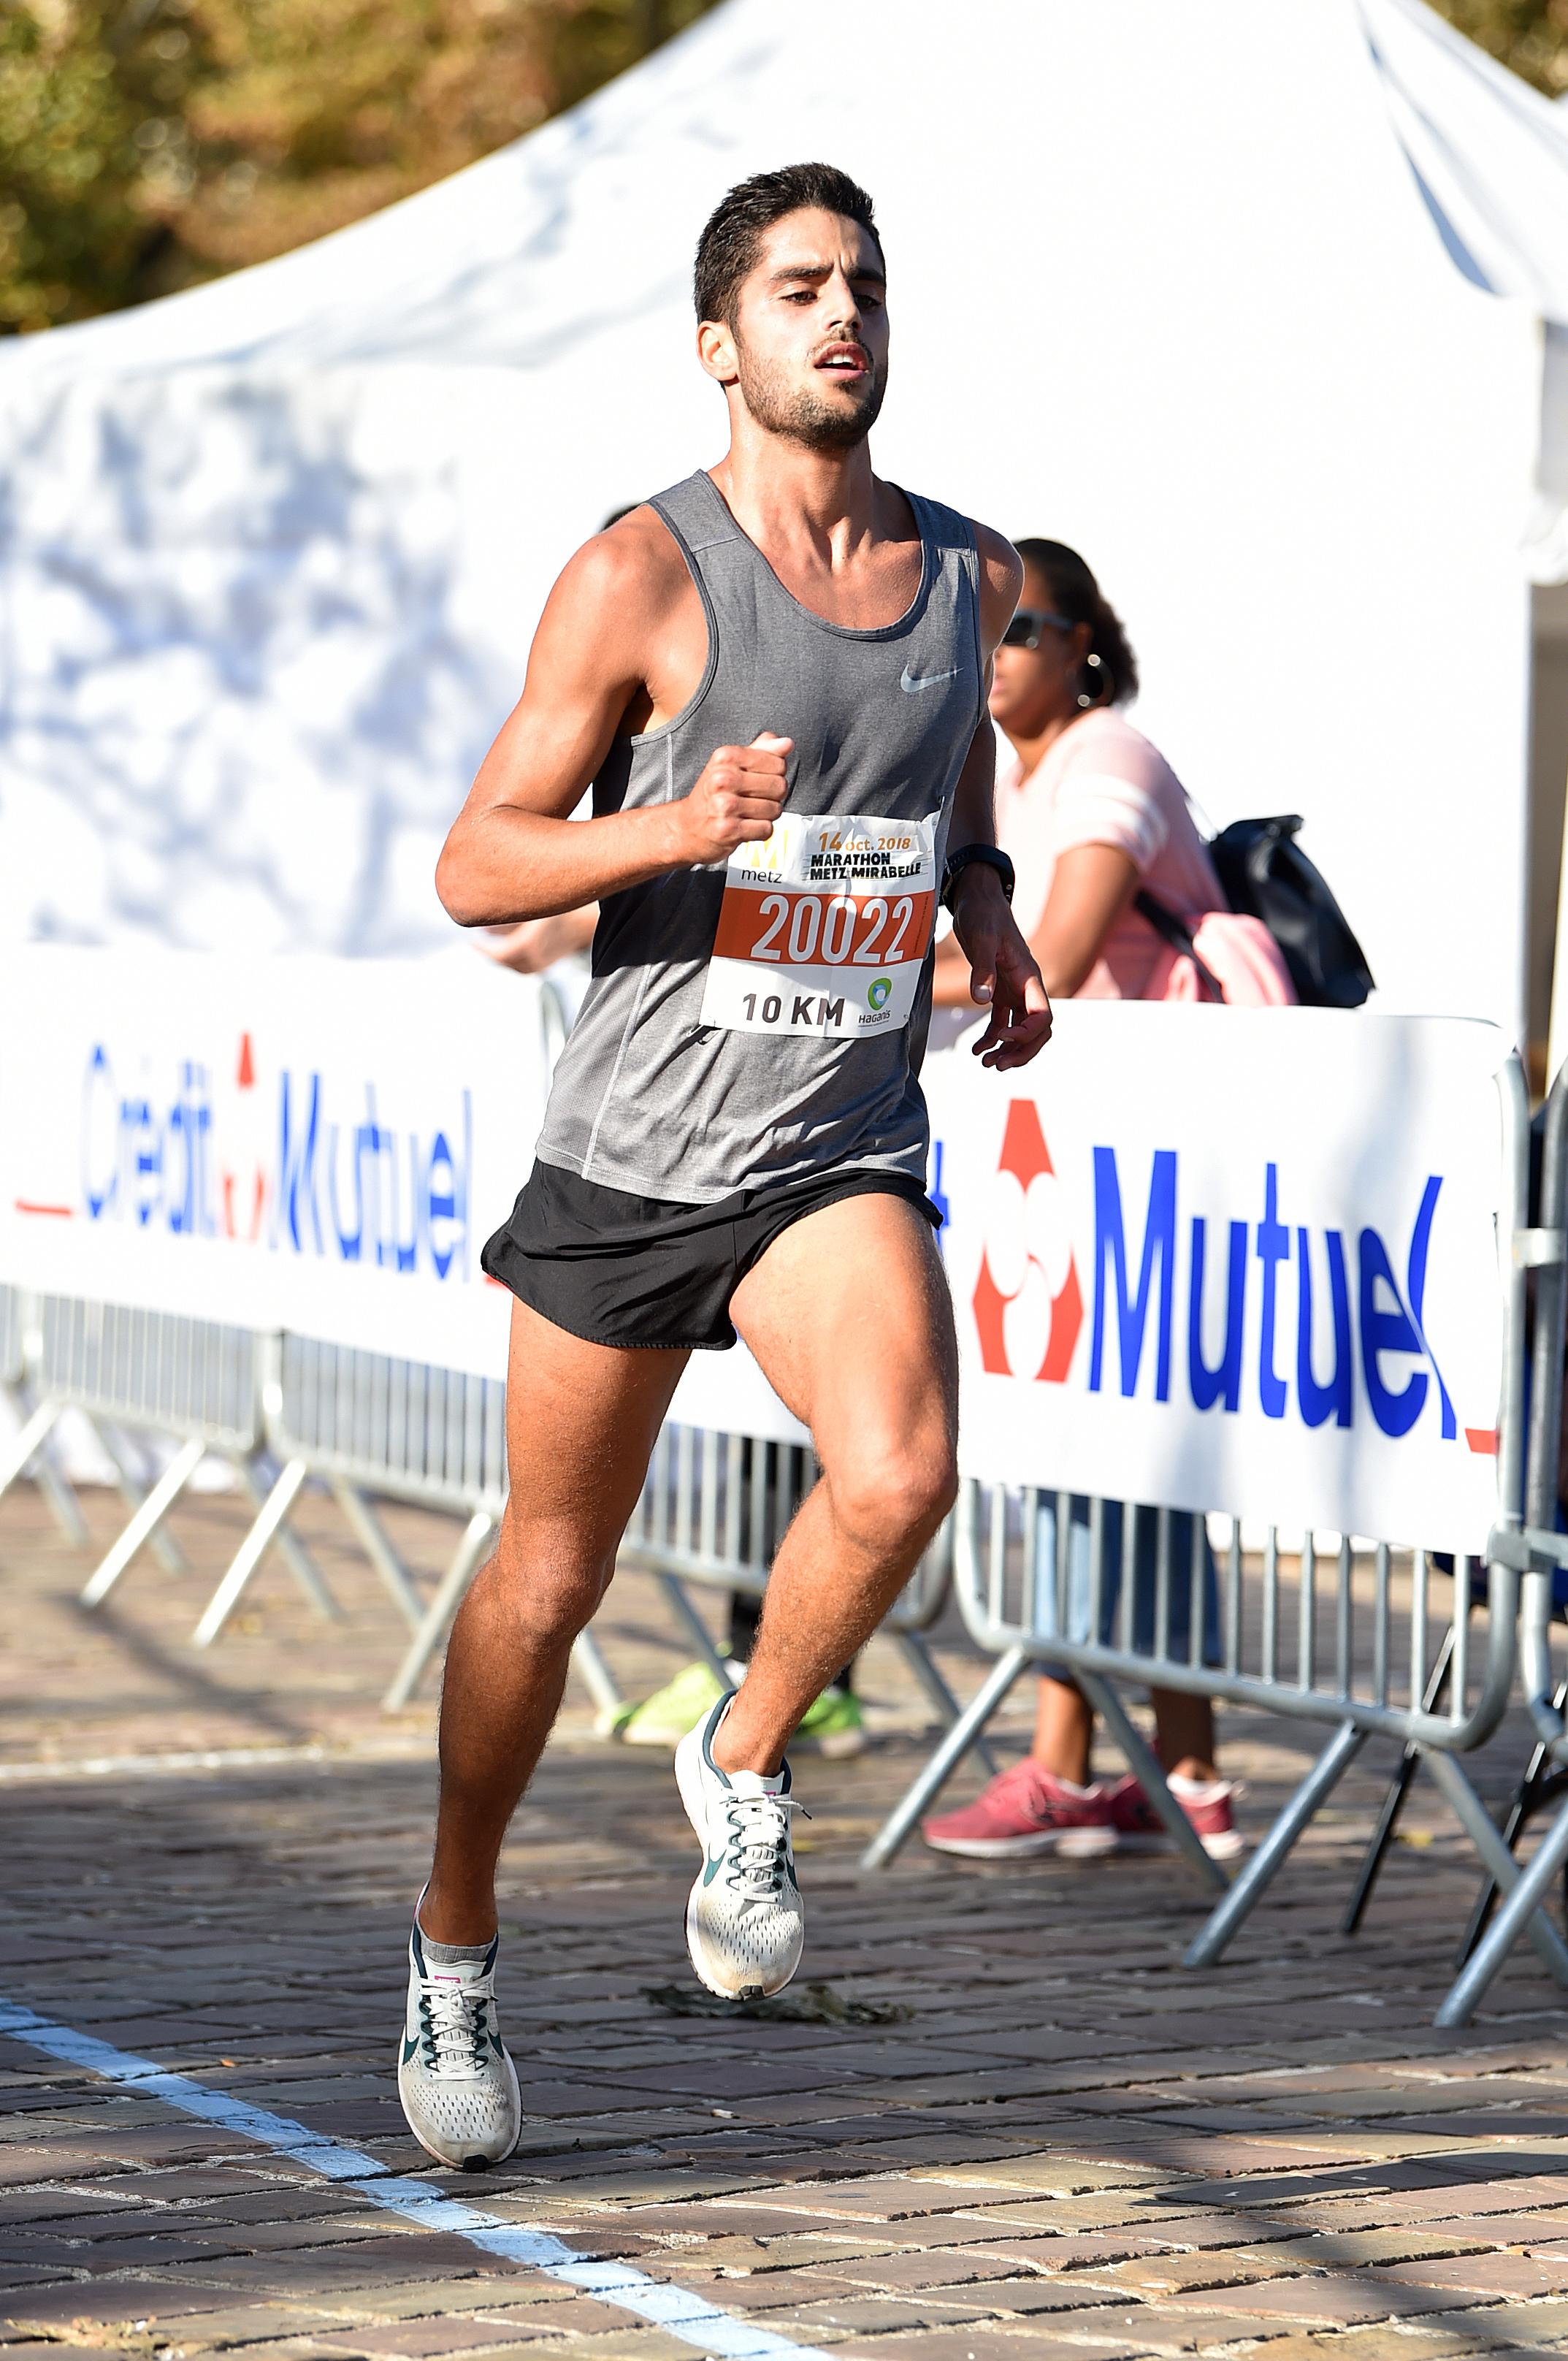 Louis Gelavert remporte les 10km Haganise avec un temps de 00:30:41.80